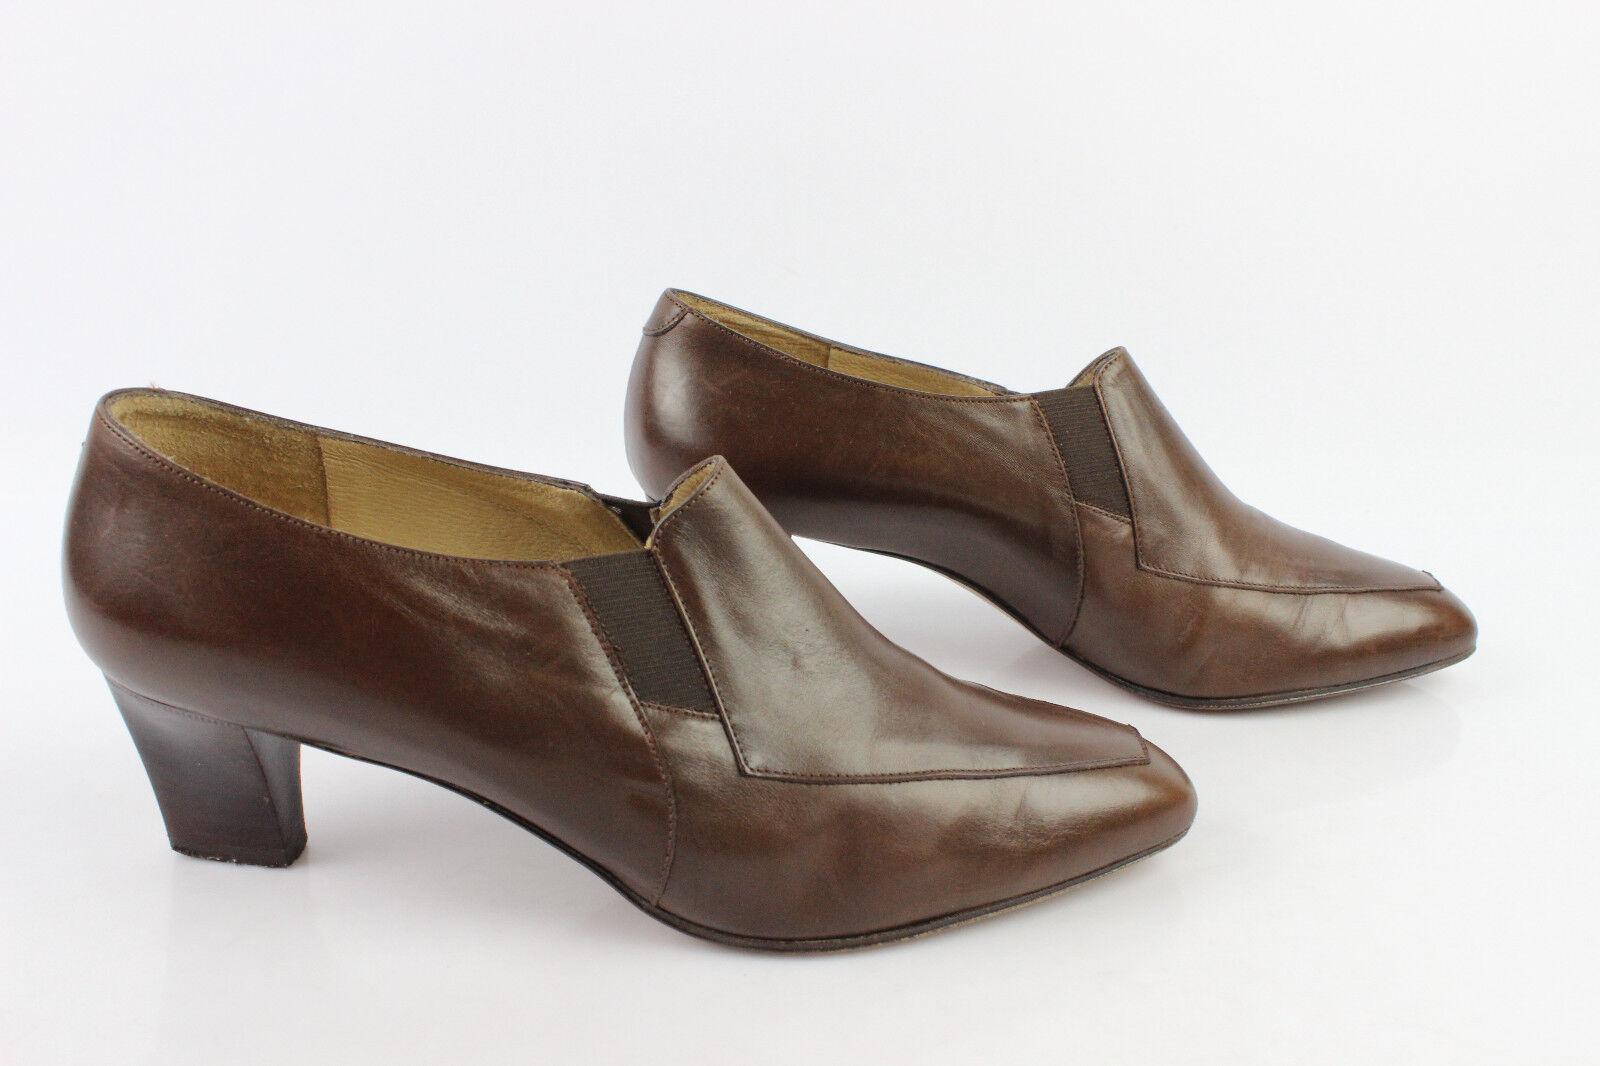 VINTAGE Zapatos Richelieu T MINELLI En Piel vacuno Marrón T Richelieu 38 MUY BUEN ESTADO 0e8584